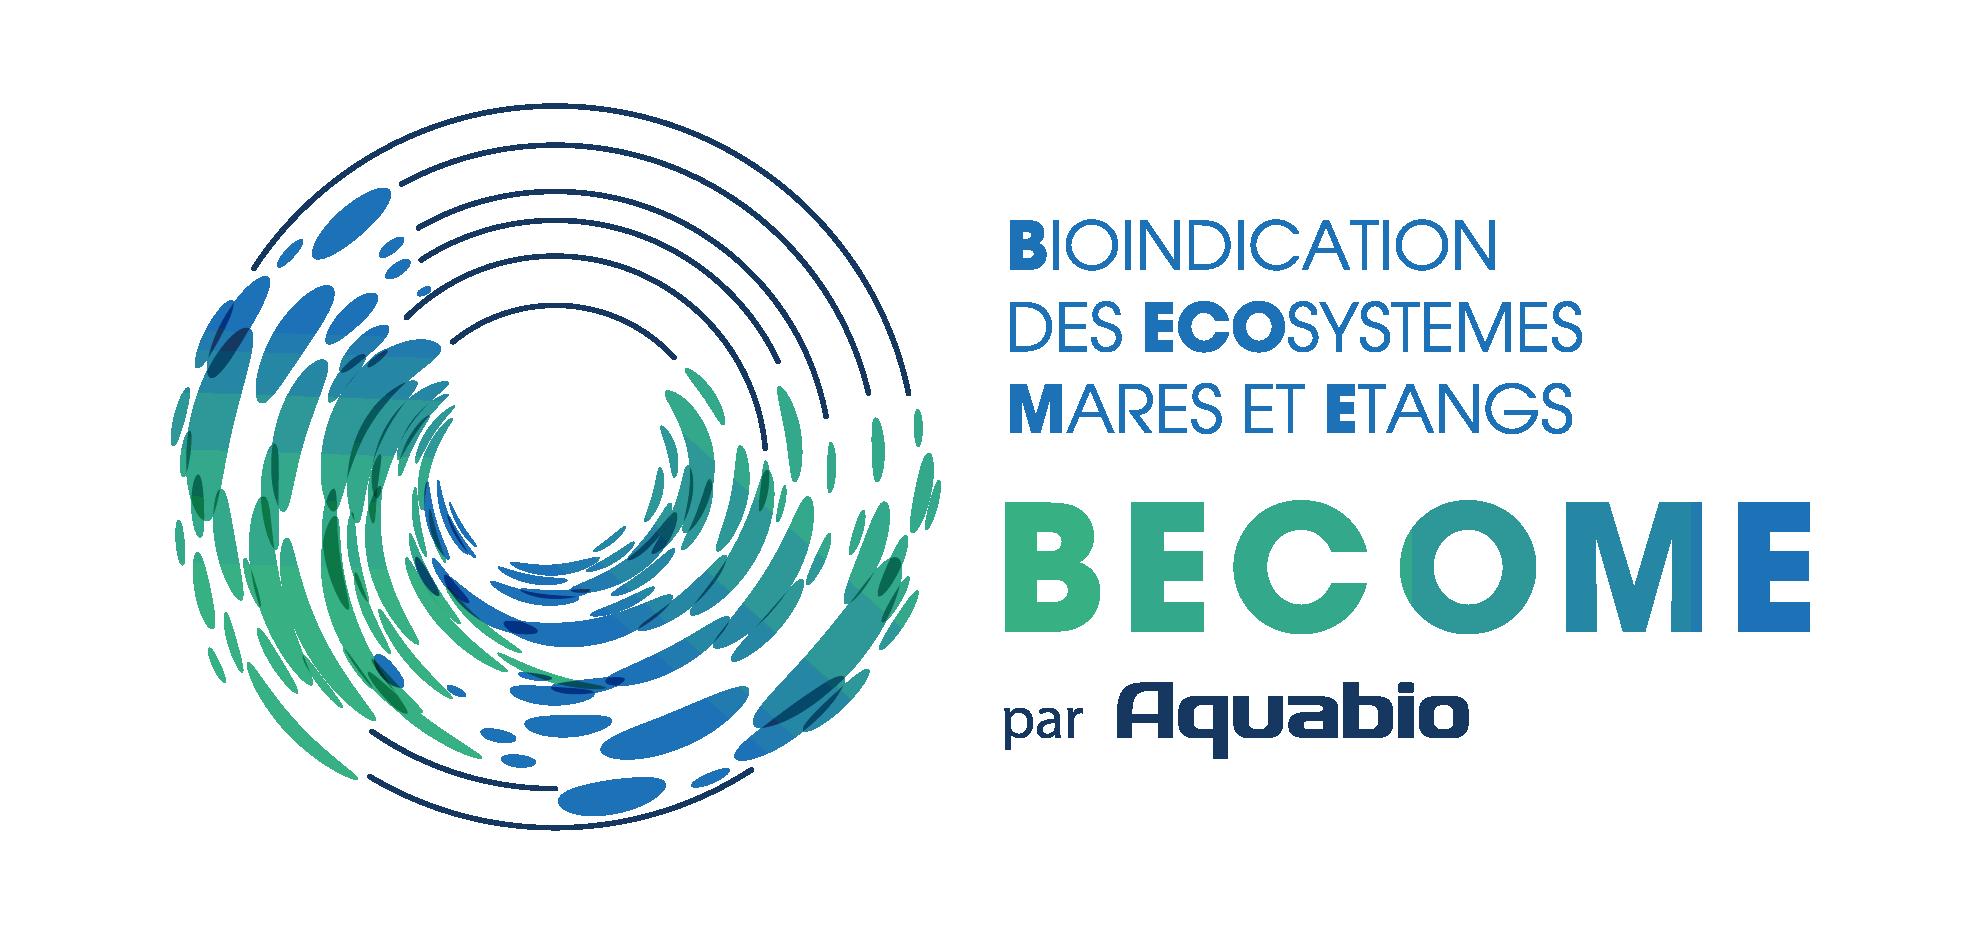 BECOME : un indicateur de Bioindication des ECOsystèmes des Mares et Etangs